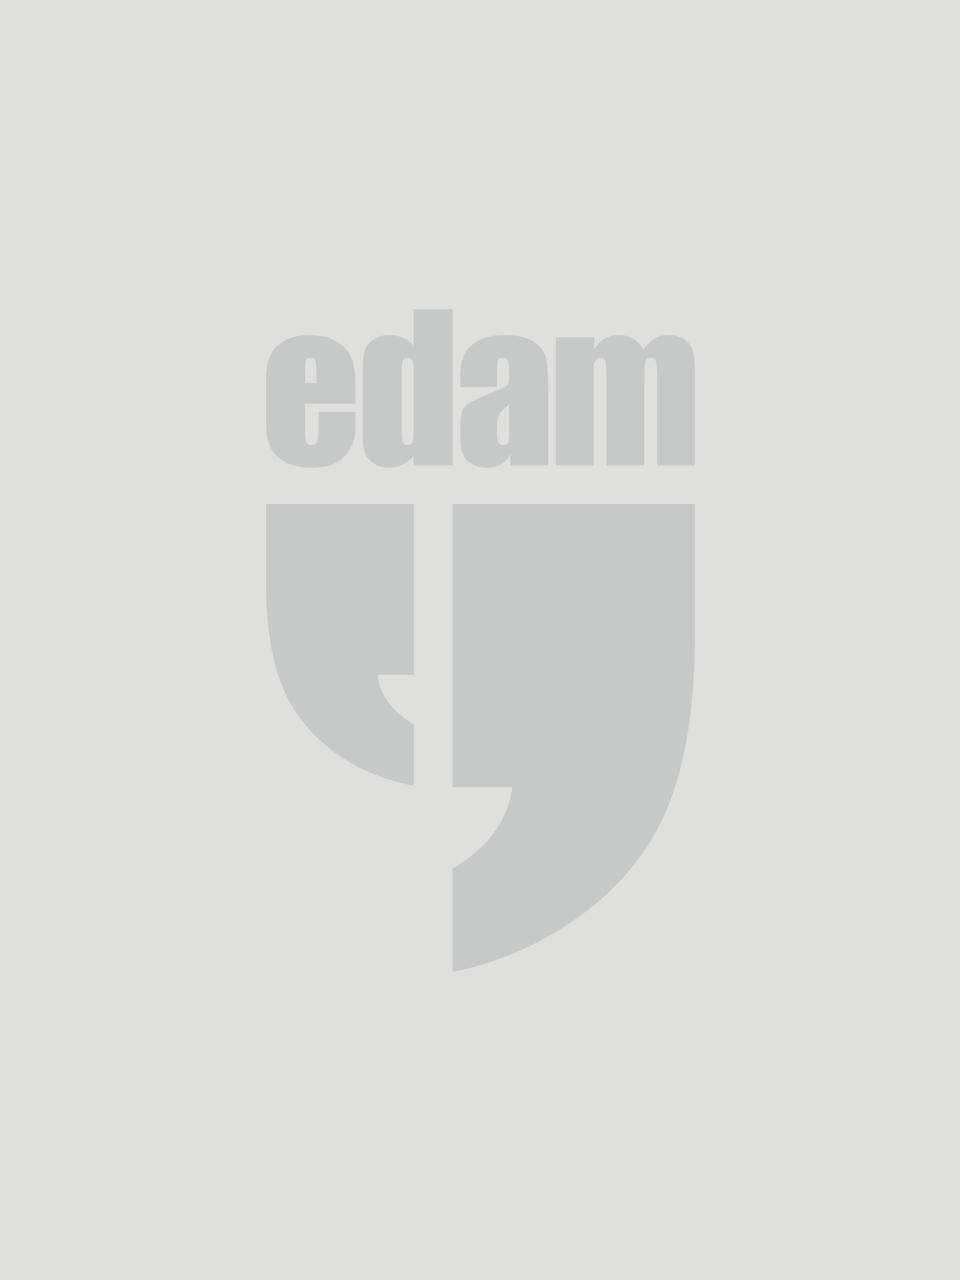 Sıradan Şiddet- Türkiye'ye Özgü Olmayan bir Sorun: Kadına ve Çocuğa Şiddetin Toplumsal Kaynakları